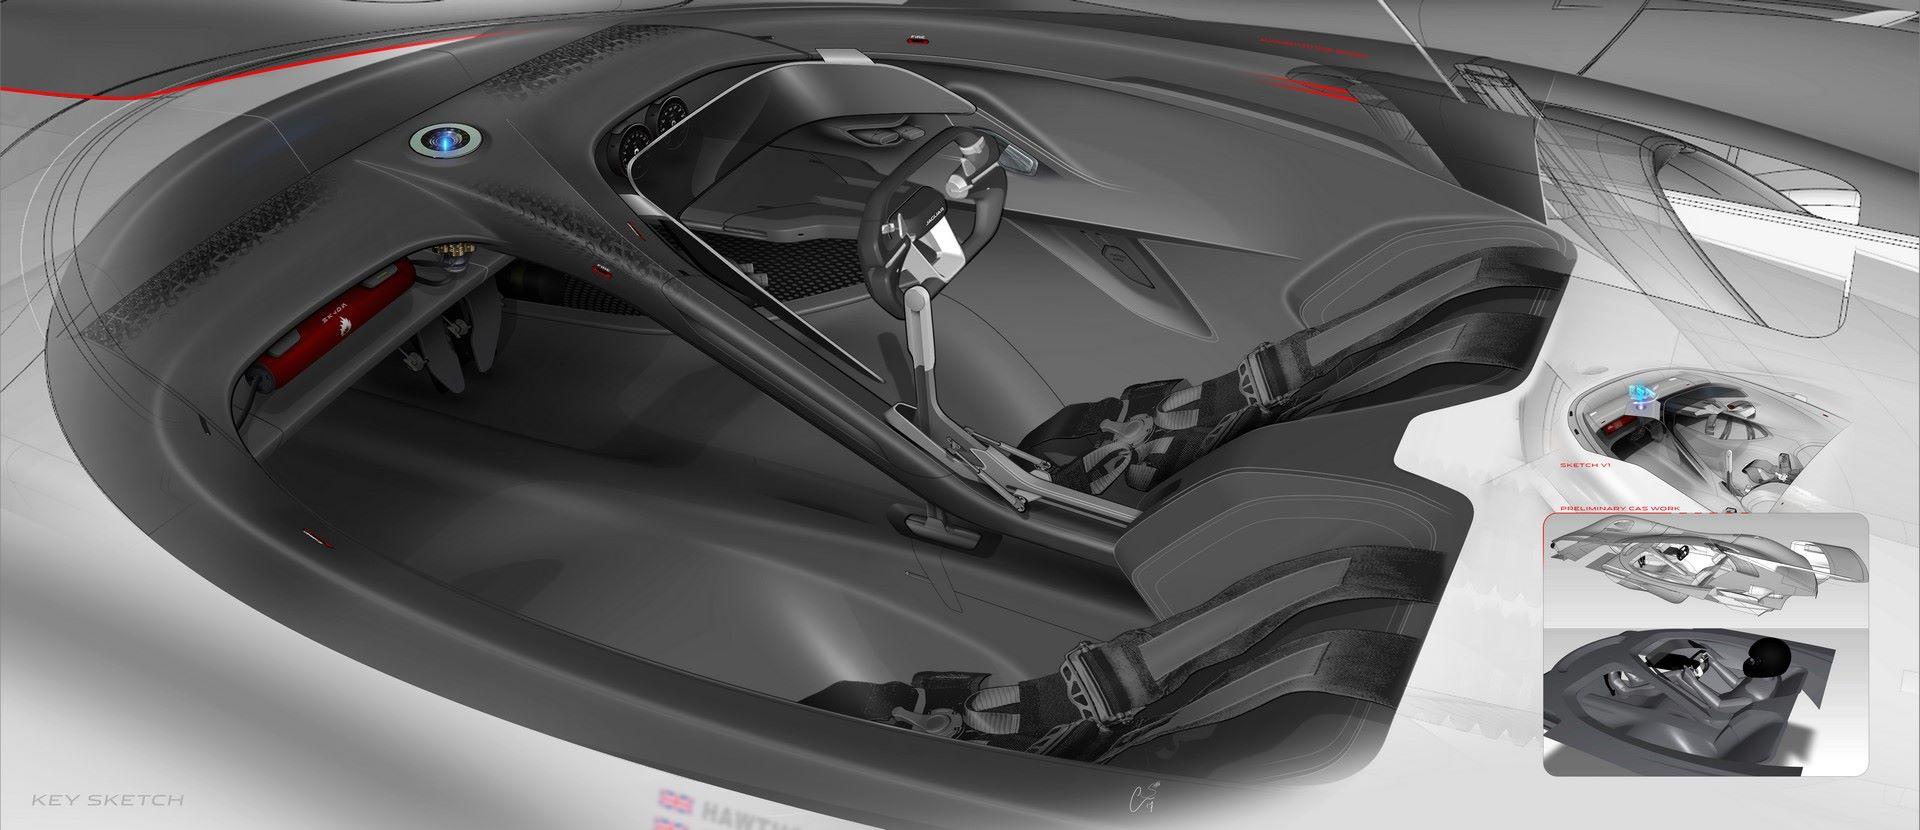 Jaguar-Vision-Gran-Turismo-33